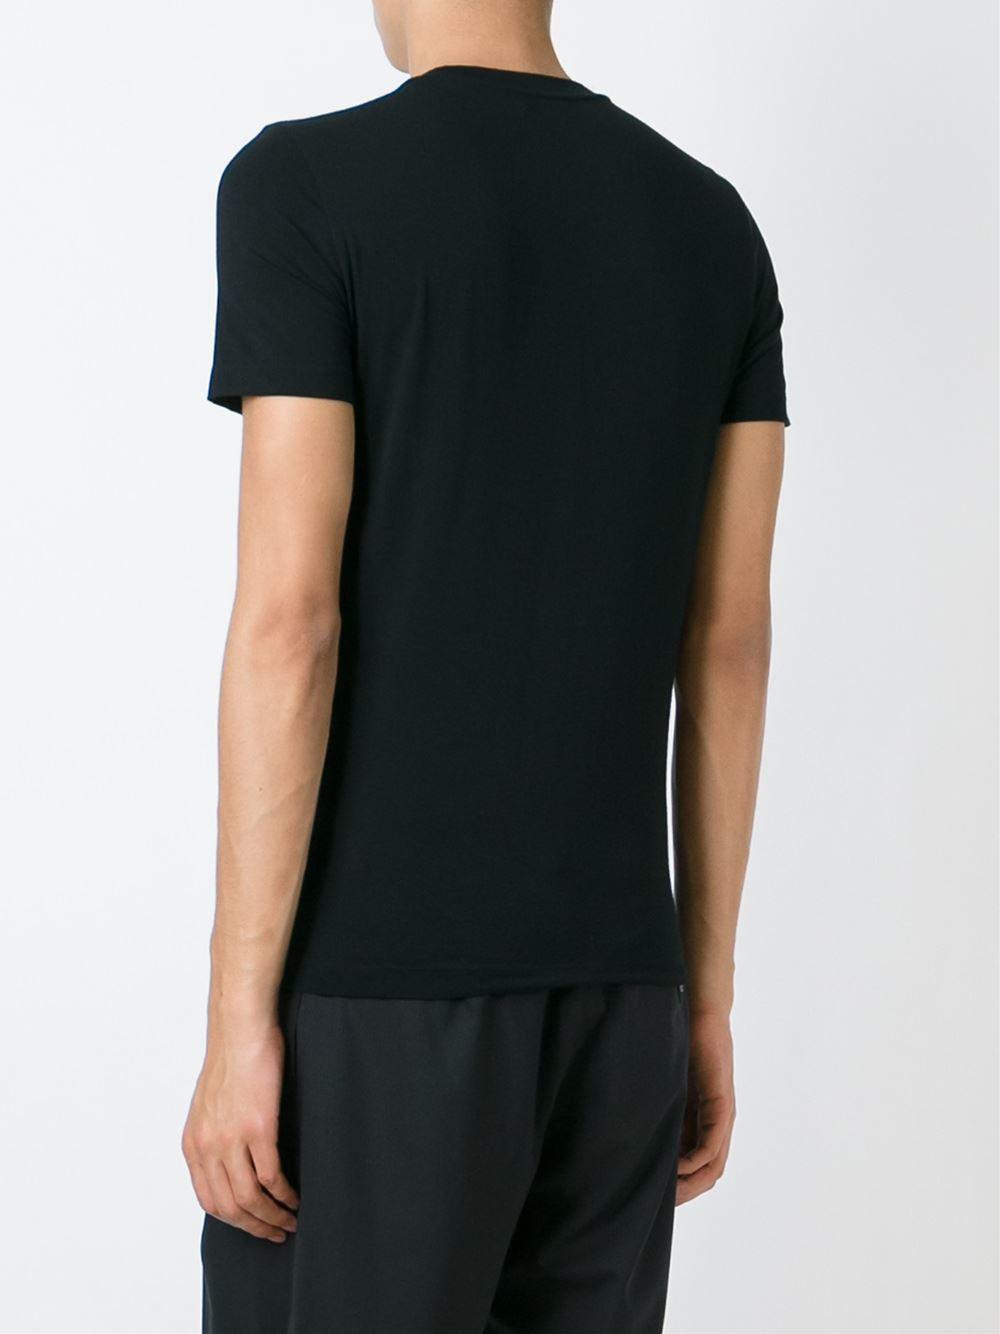 Fendi Bag Bugs T Shirt In Black For Men Lyst